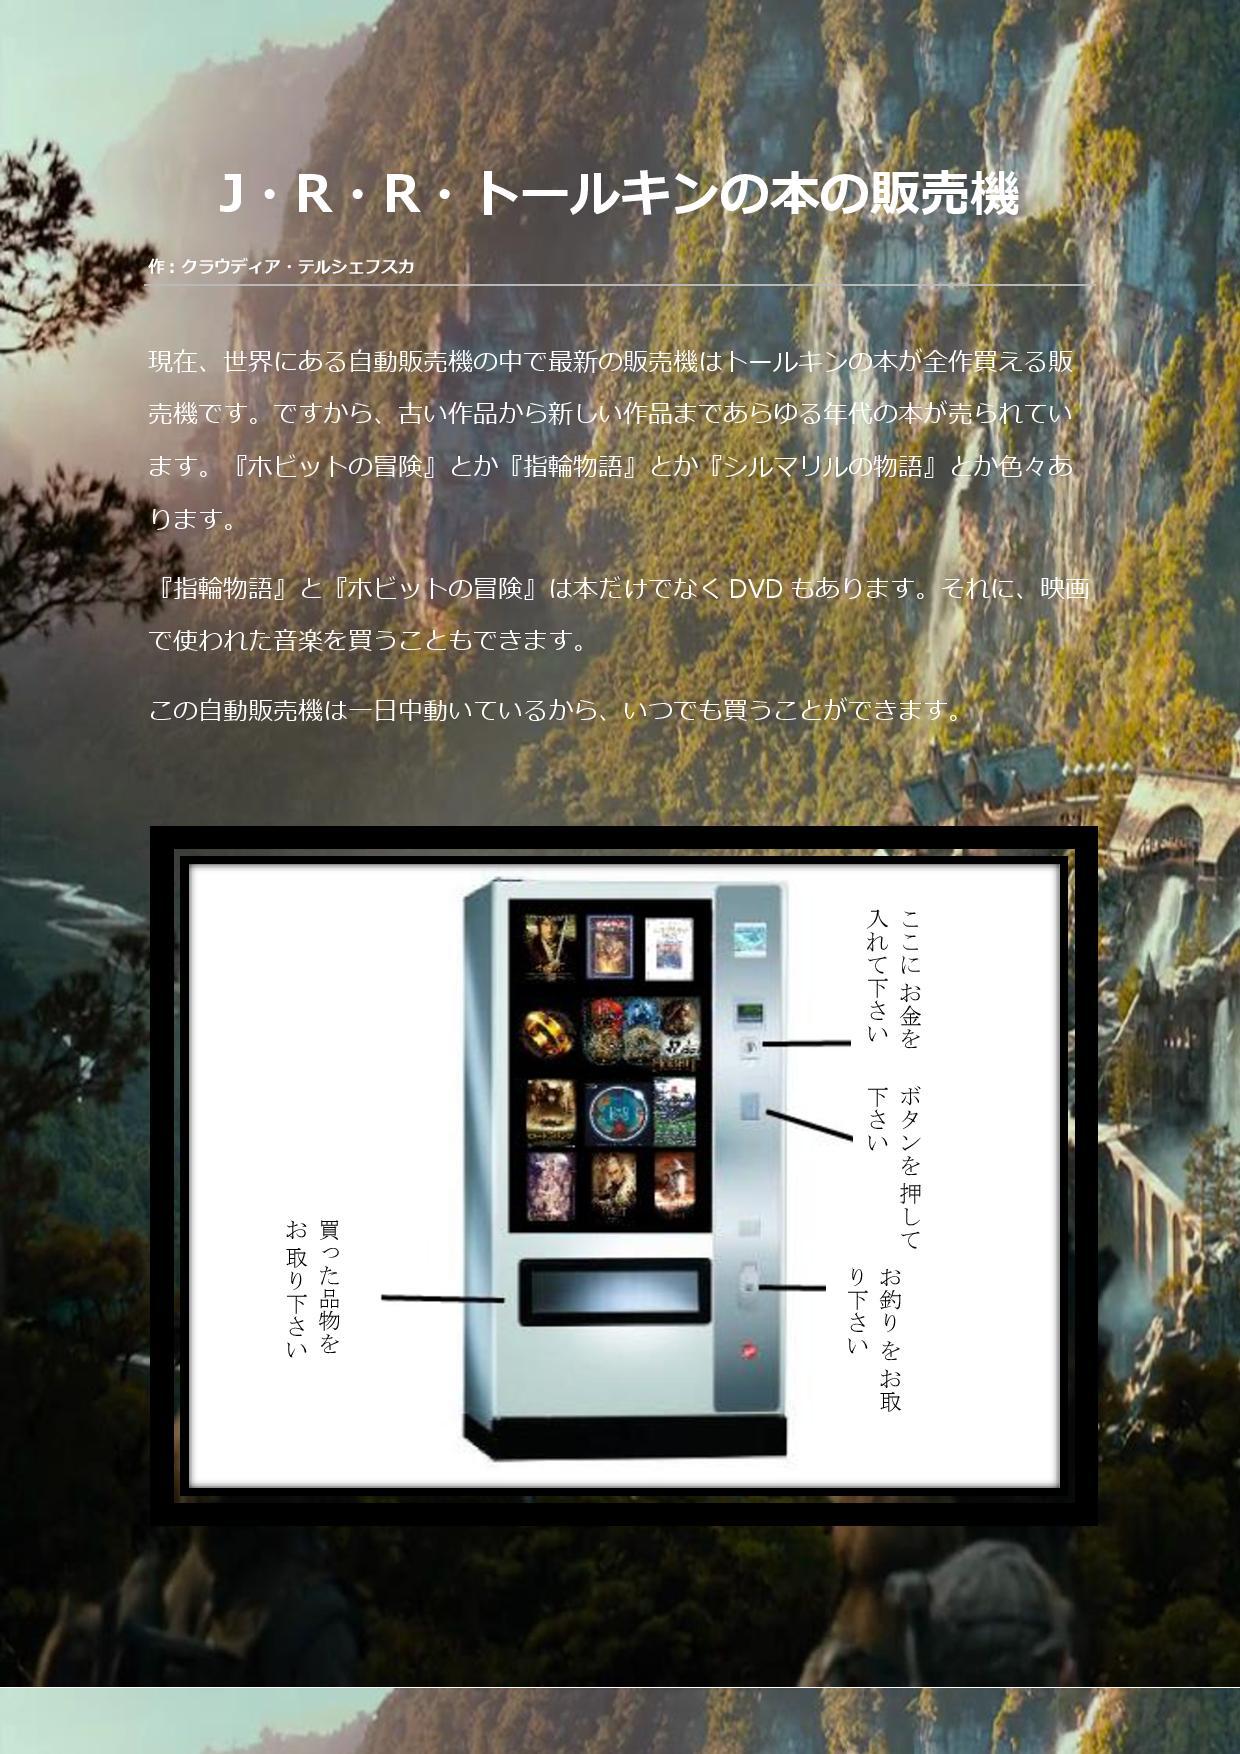 JRRトールキンの本の販売機-page-001